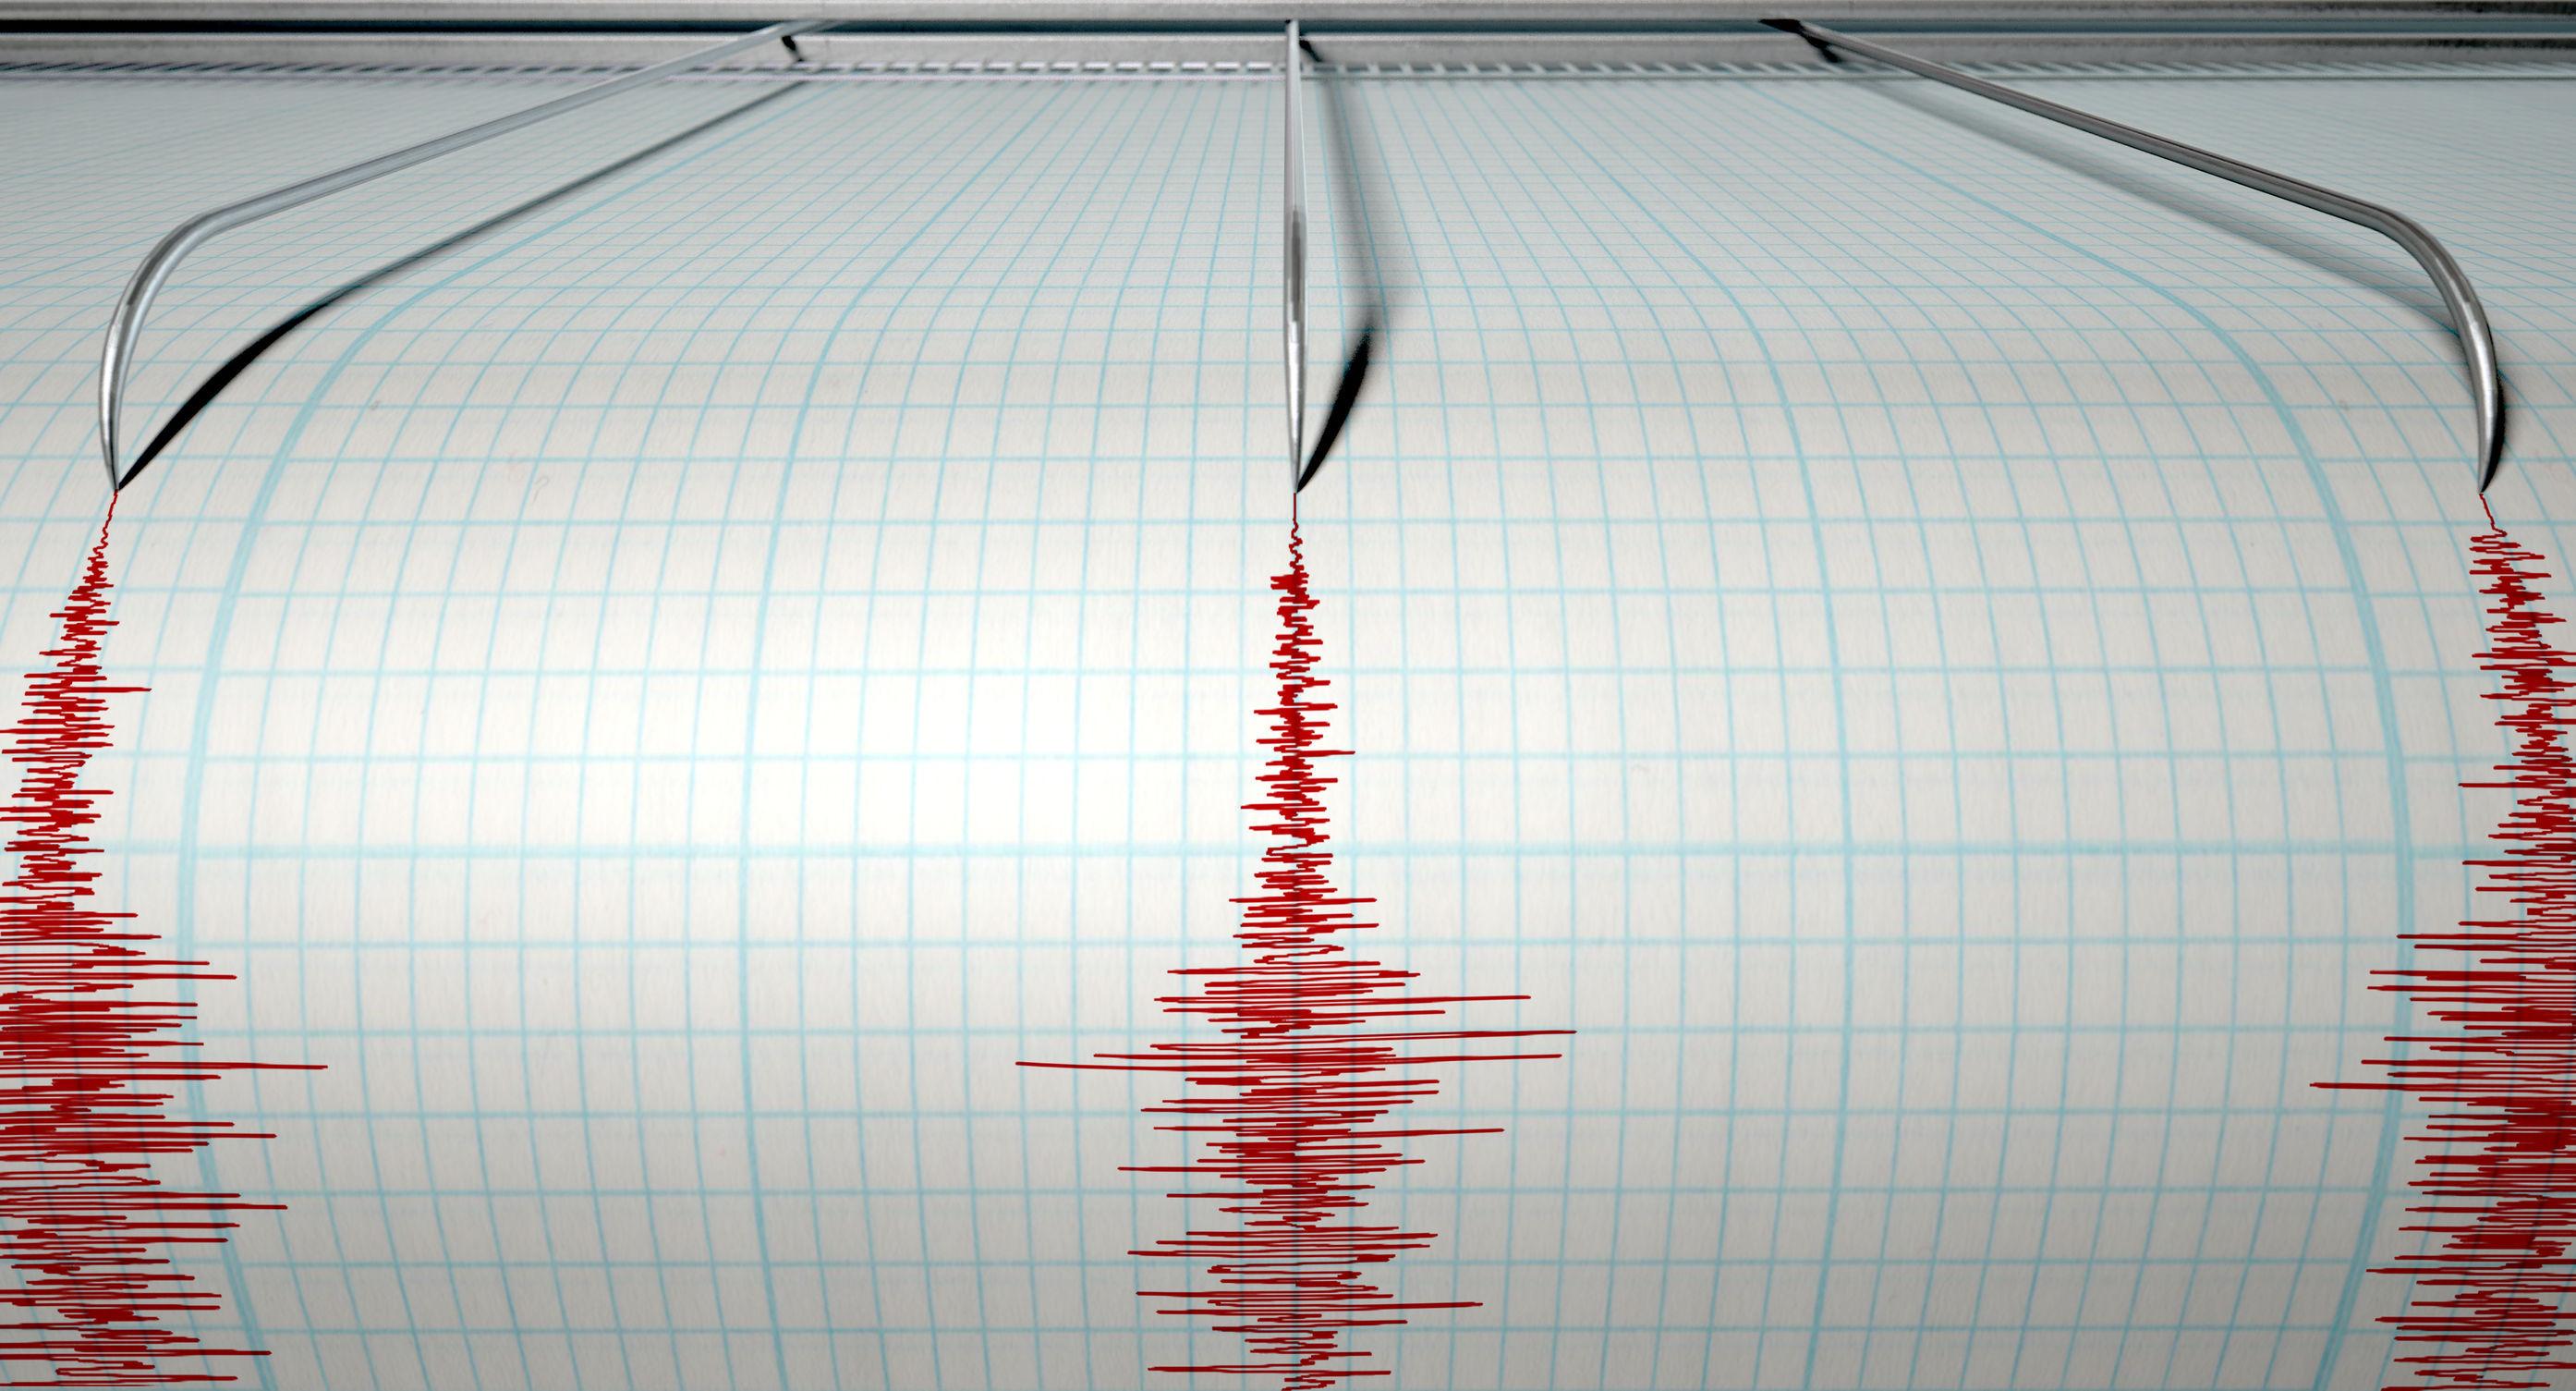 Cutremur de 3,8 grade pe scara Richter în judeţul Vrancea